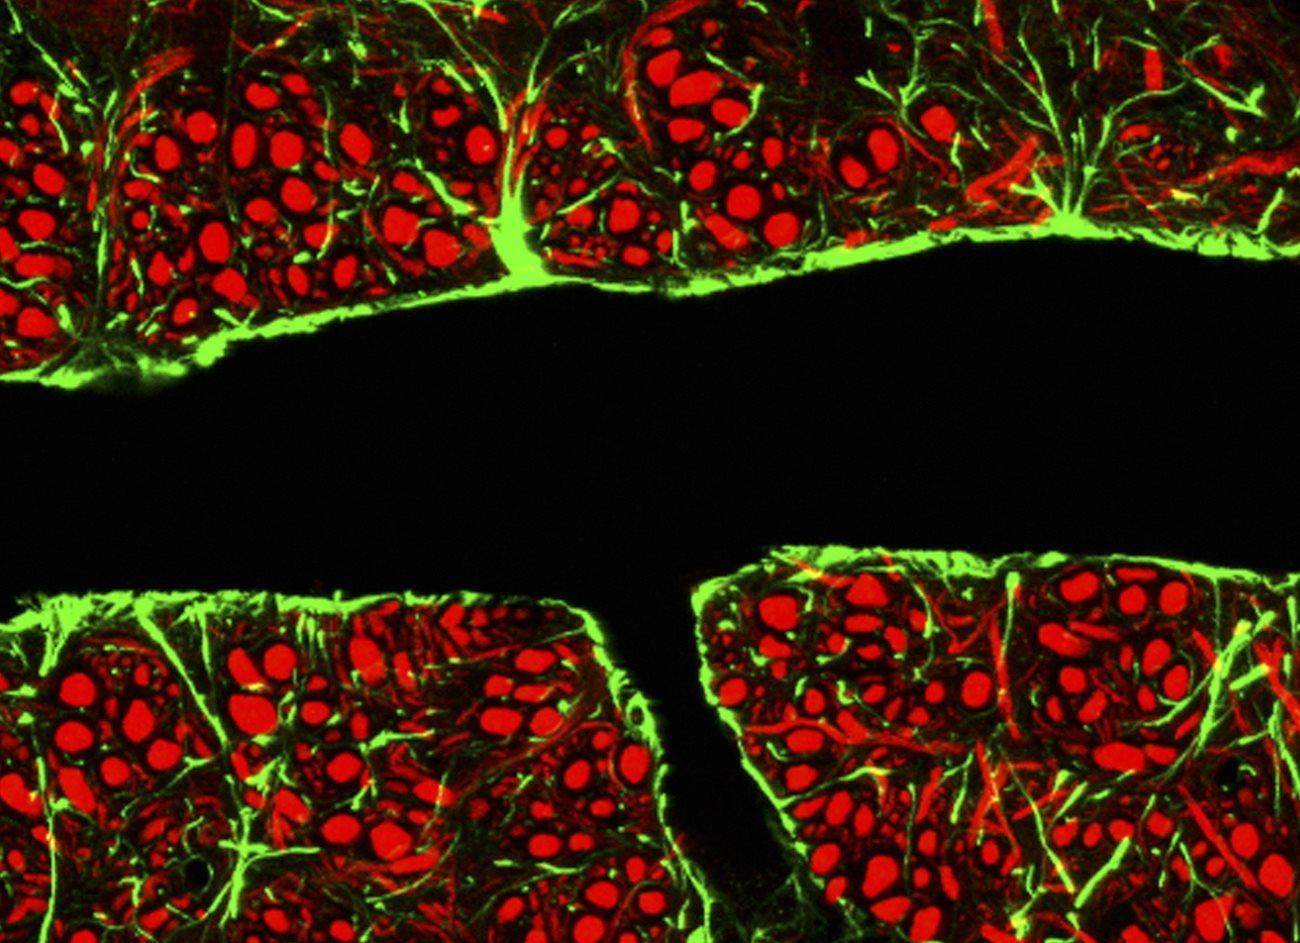 медики открыли окно в мозг для лечения болезней